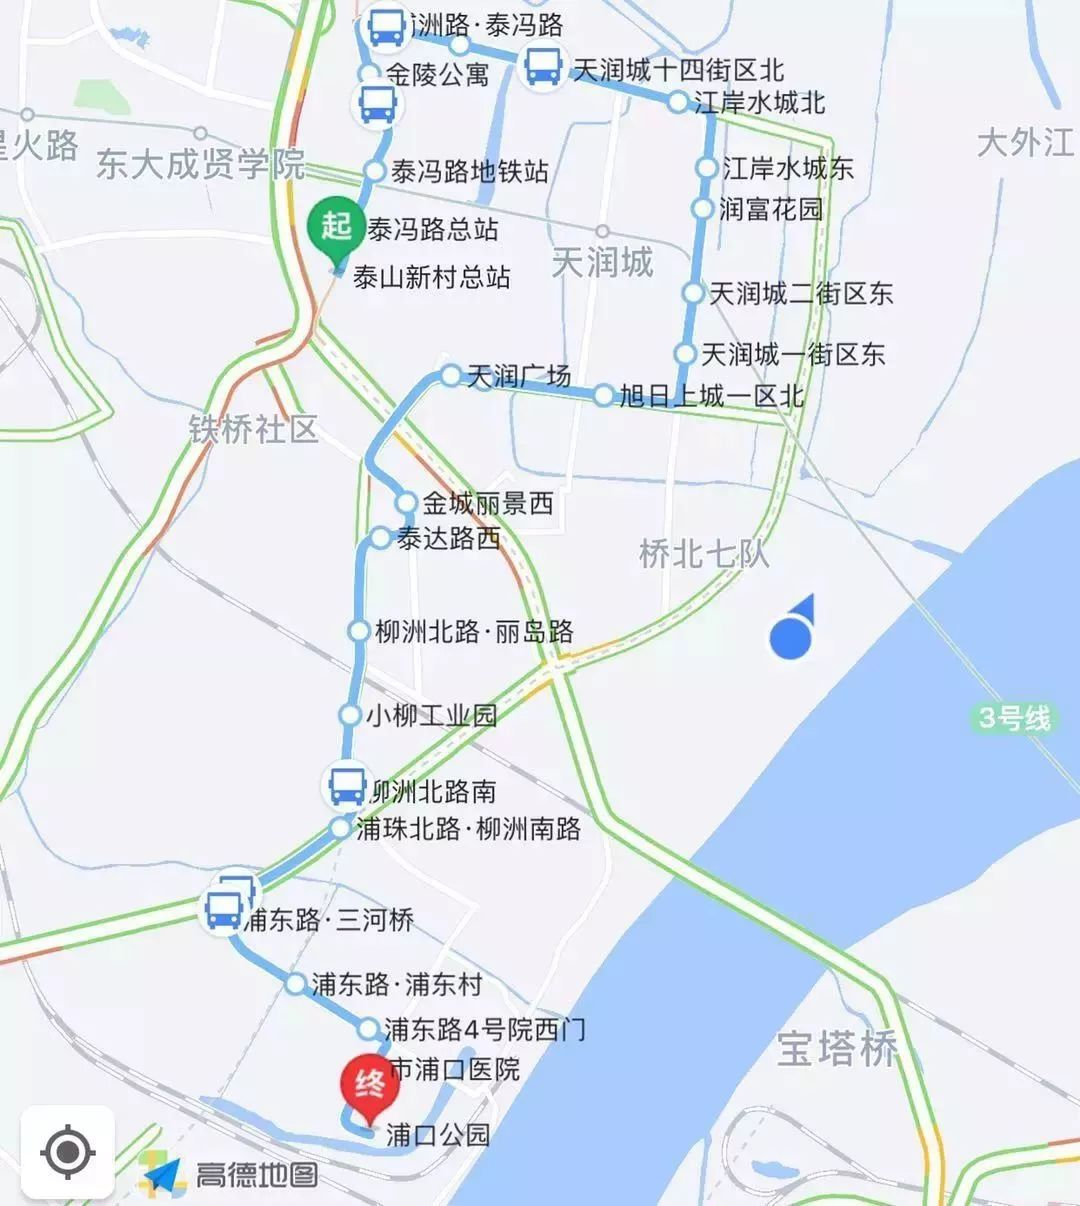 2017大滁城规划图